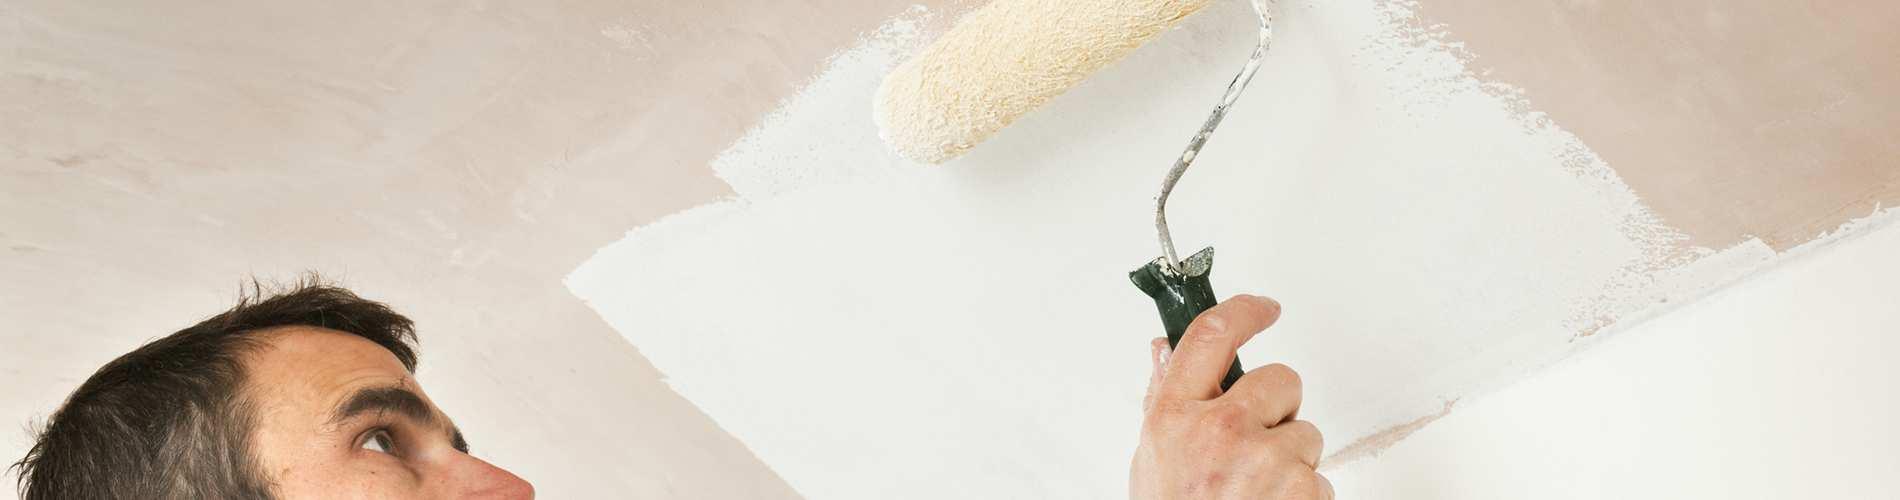 Comment Peindre Un Plafond Sans Trace comment peindre un plafond sans trace ? - bricofamily